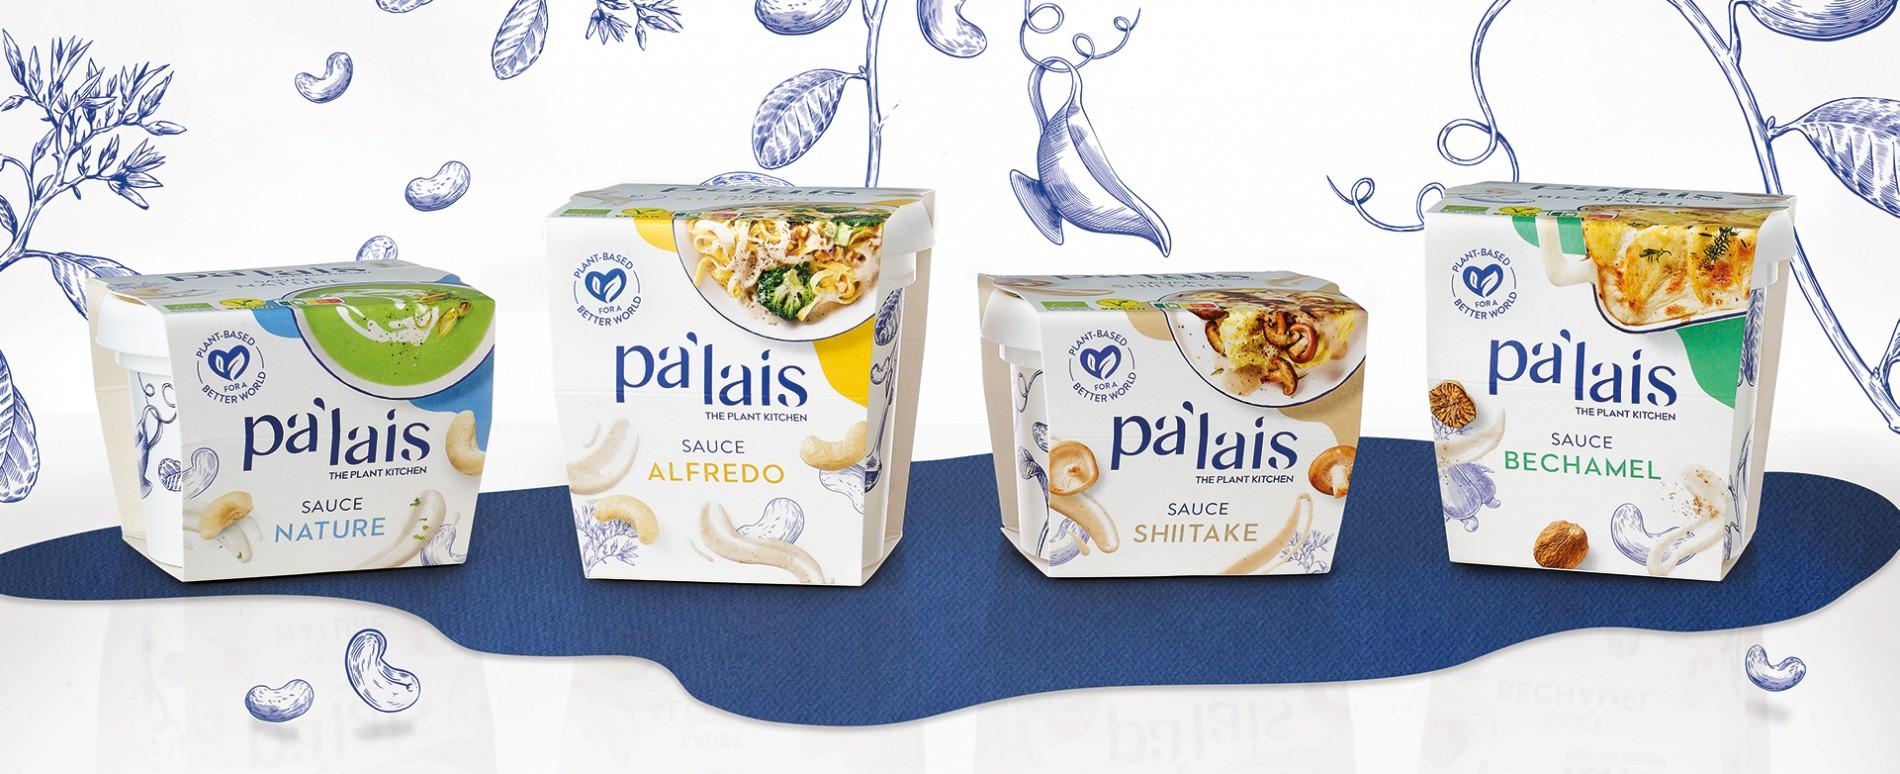 Quatre Mains package design - Package design Pa'lais, vegan, quatre mains, branding, packaging